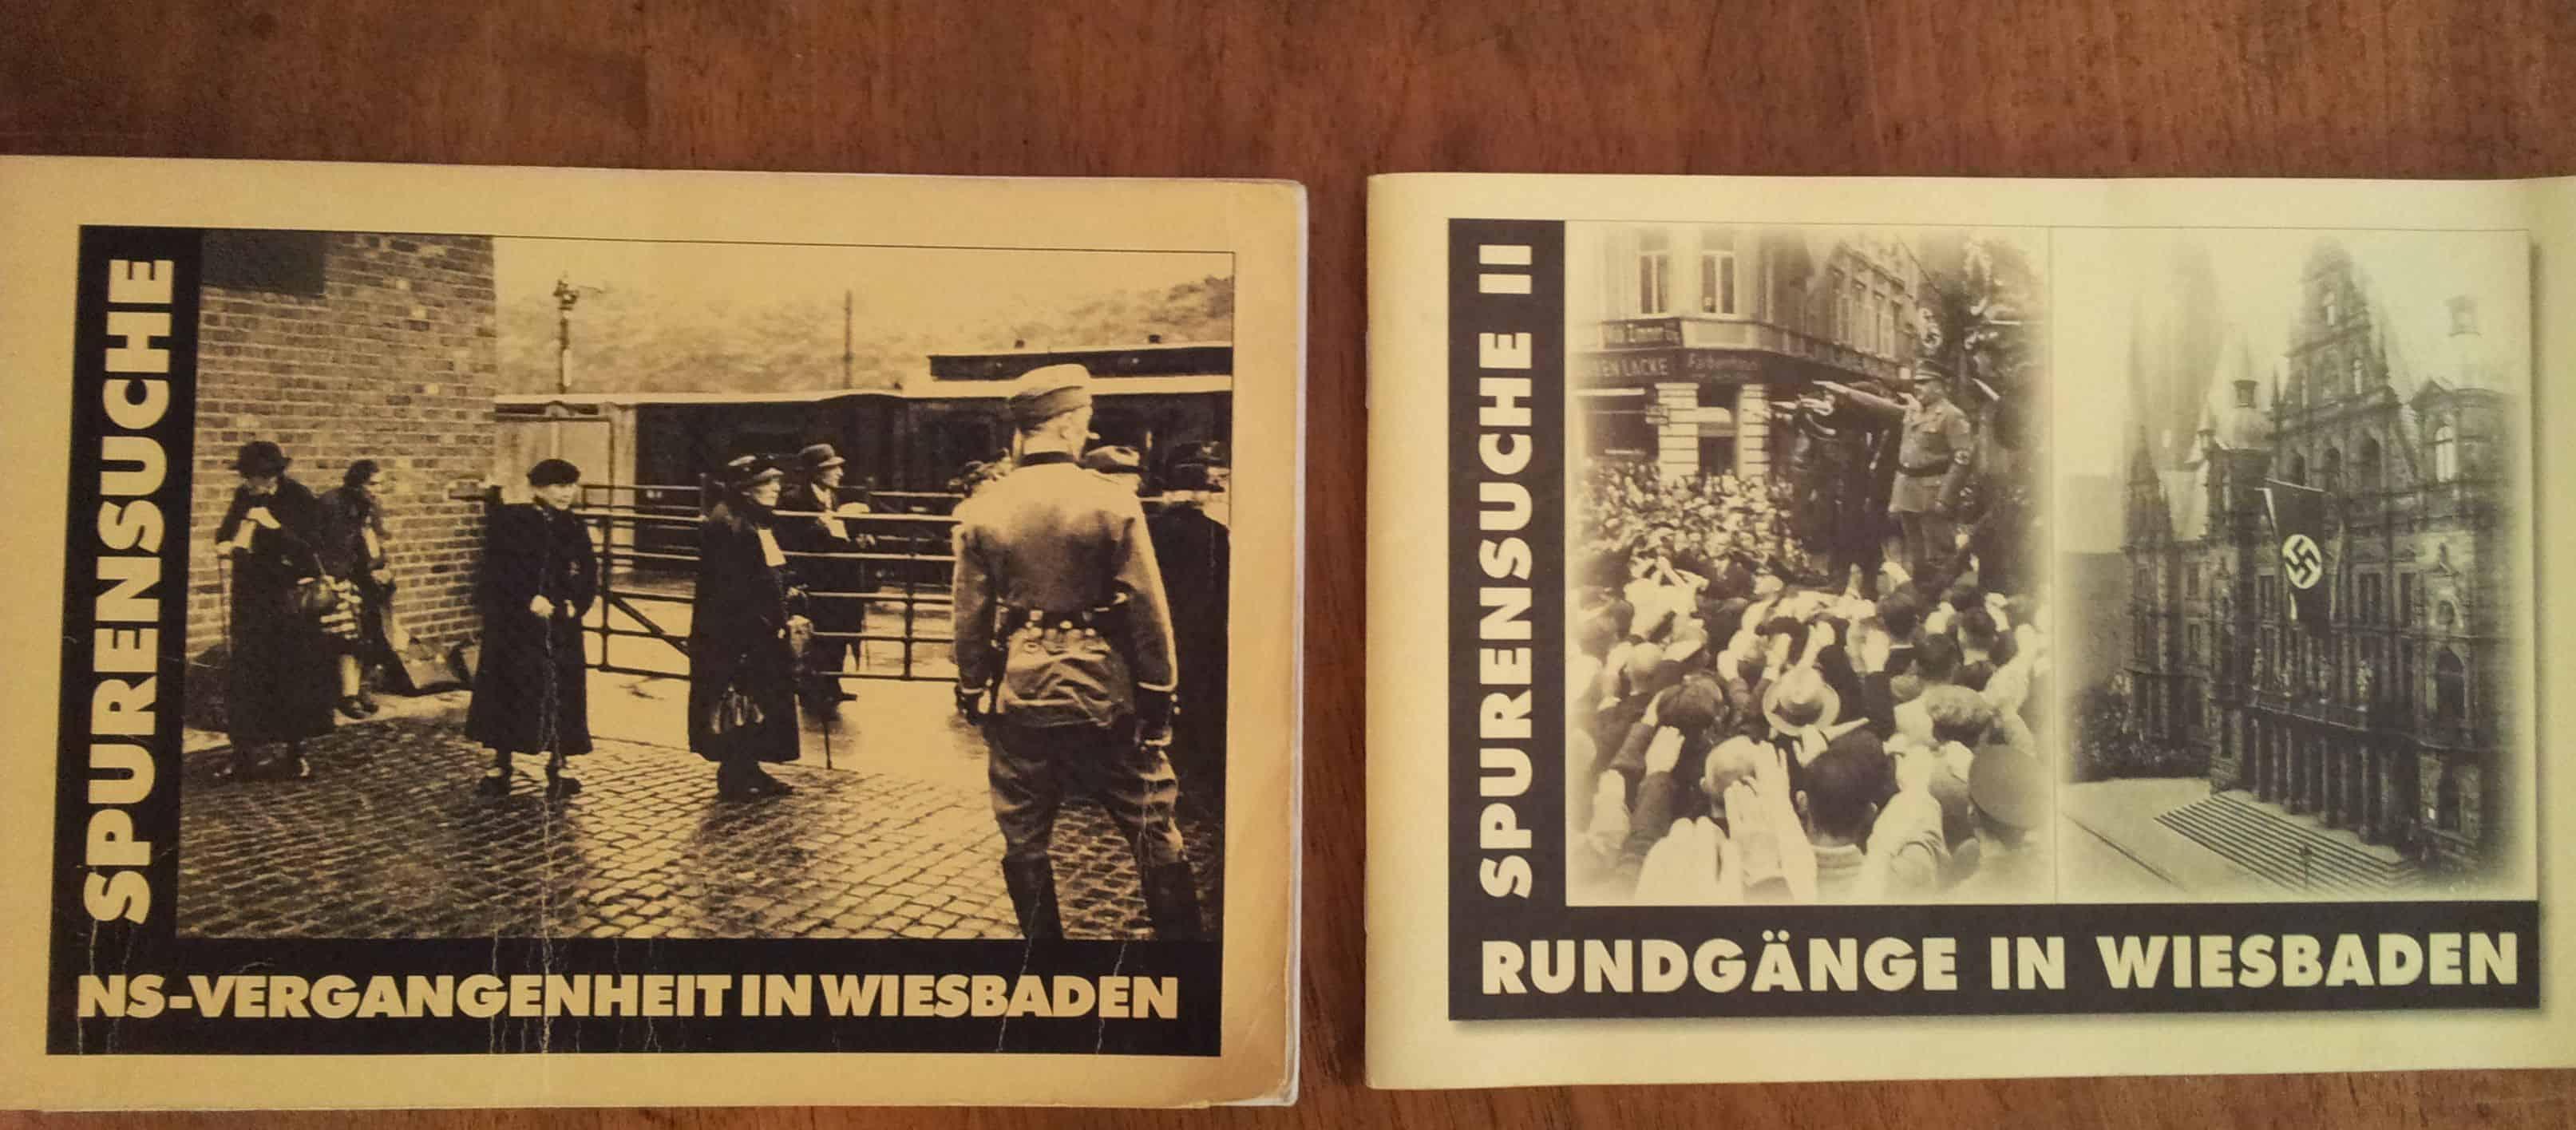 Broschüren zur Spurensuche: NS-Vergangenheit in Wiesbaden I und II, hrsg. v. Aktives Museum Spiegelgasse für Deutsch-Jüdische Geschichte in Wiesbaden e.V., Wiesbaden 1998 und 2003.